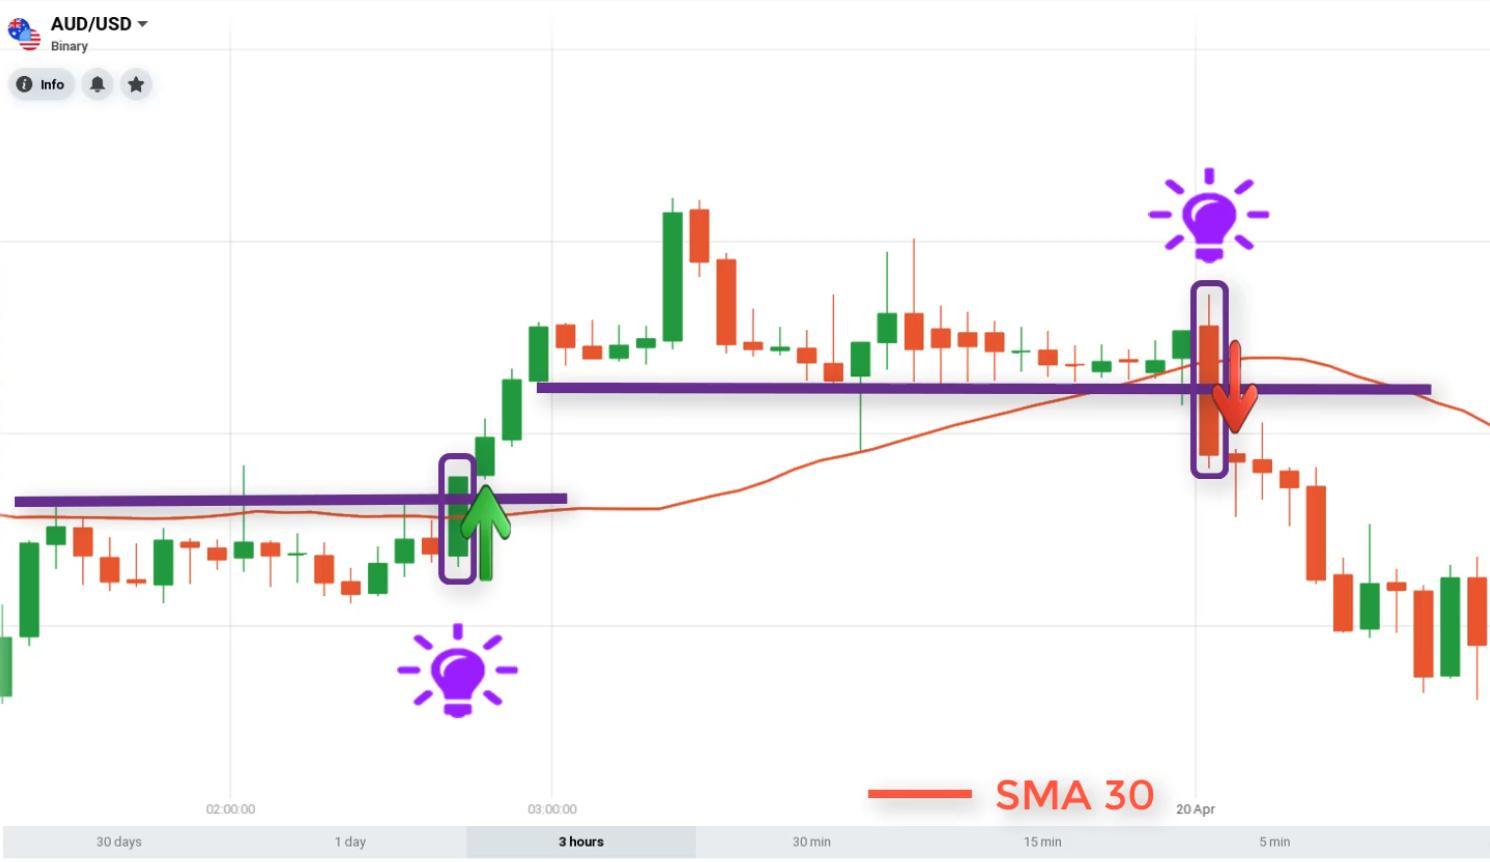 Cách vào lệnh Binary Option khi sử dụng SMA30 kết hợp kháng cự và hỗ trợ